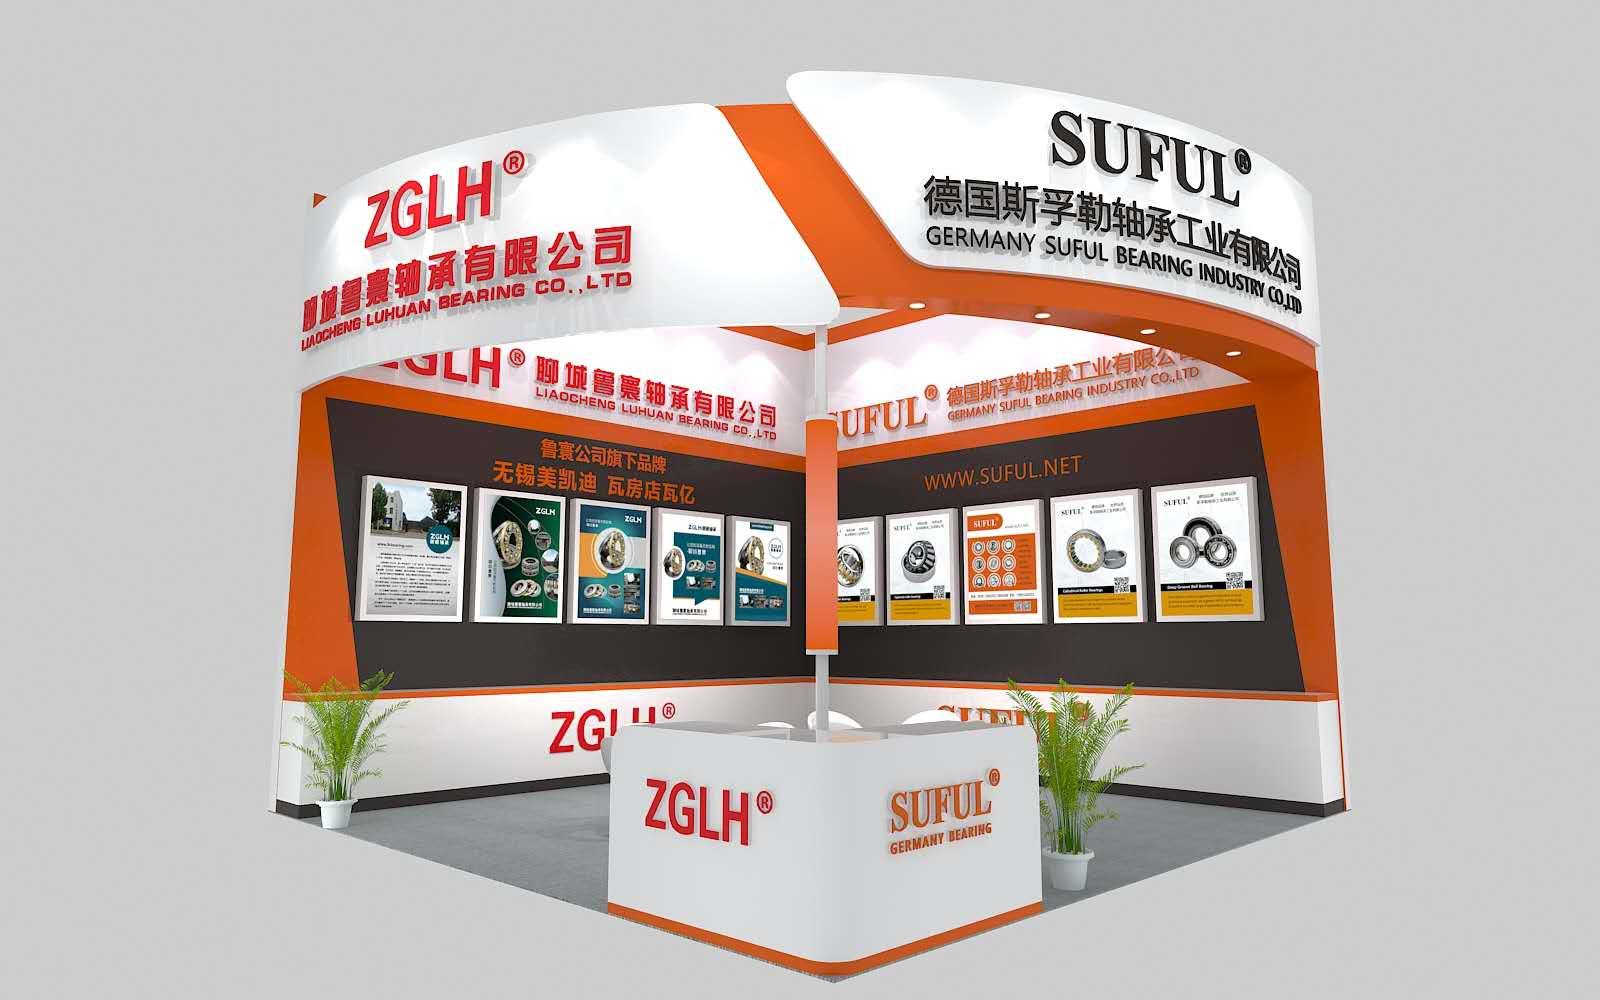 聊城鲁寰轴承有限公司诚邀您莅临2020年上海国际轴承展